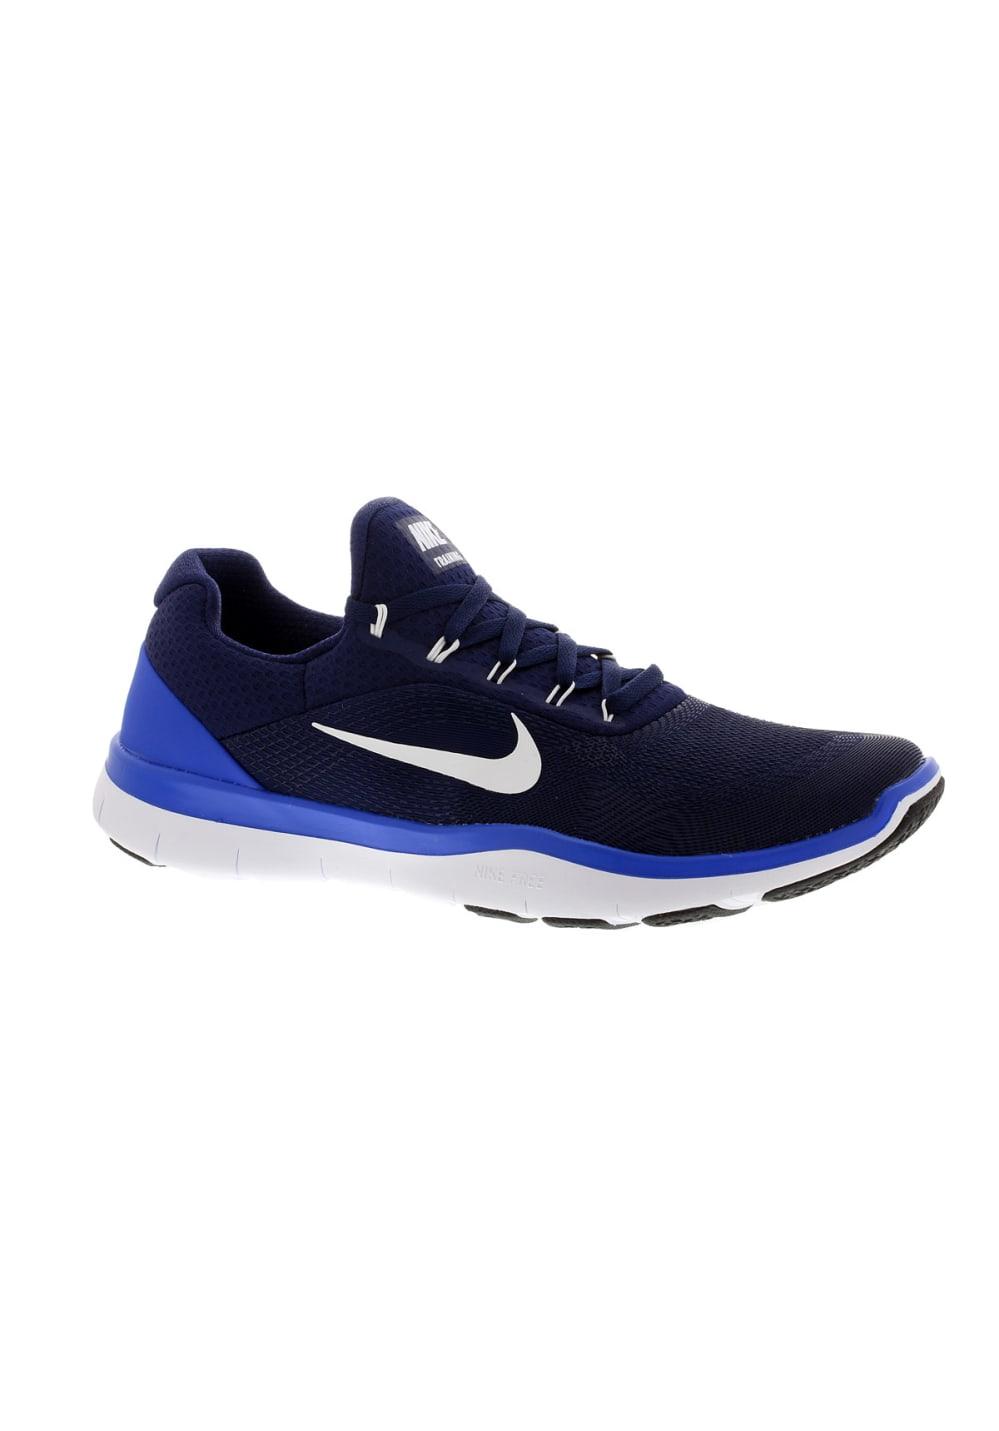 Nike Free Trainer V7 - Fitnessschuhe für Herren - Blau